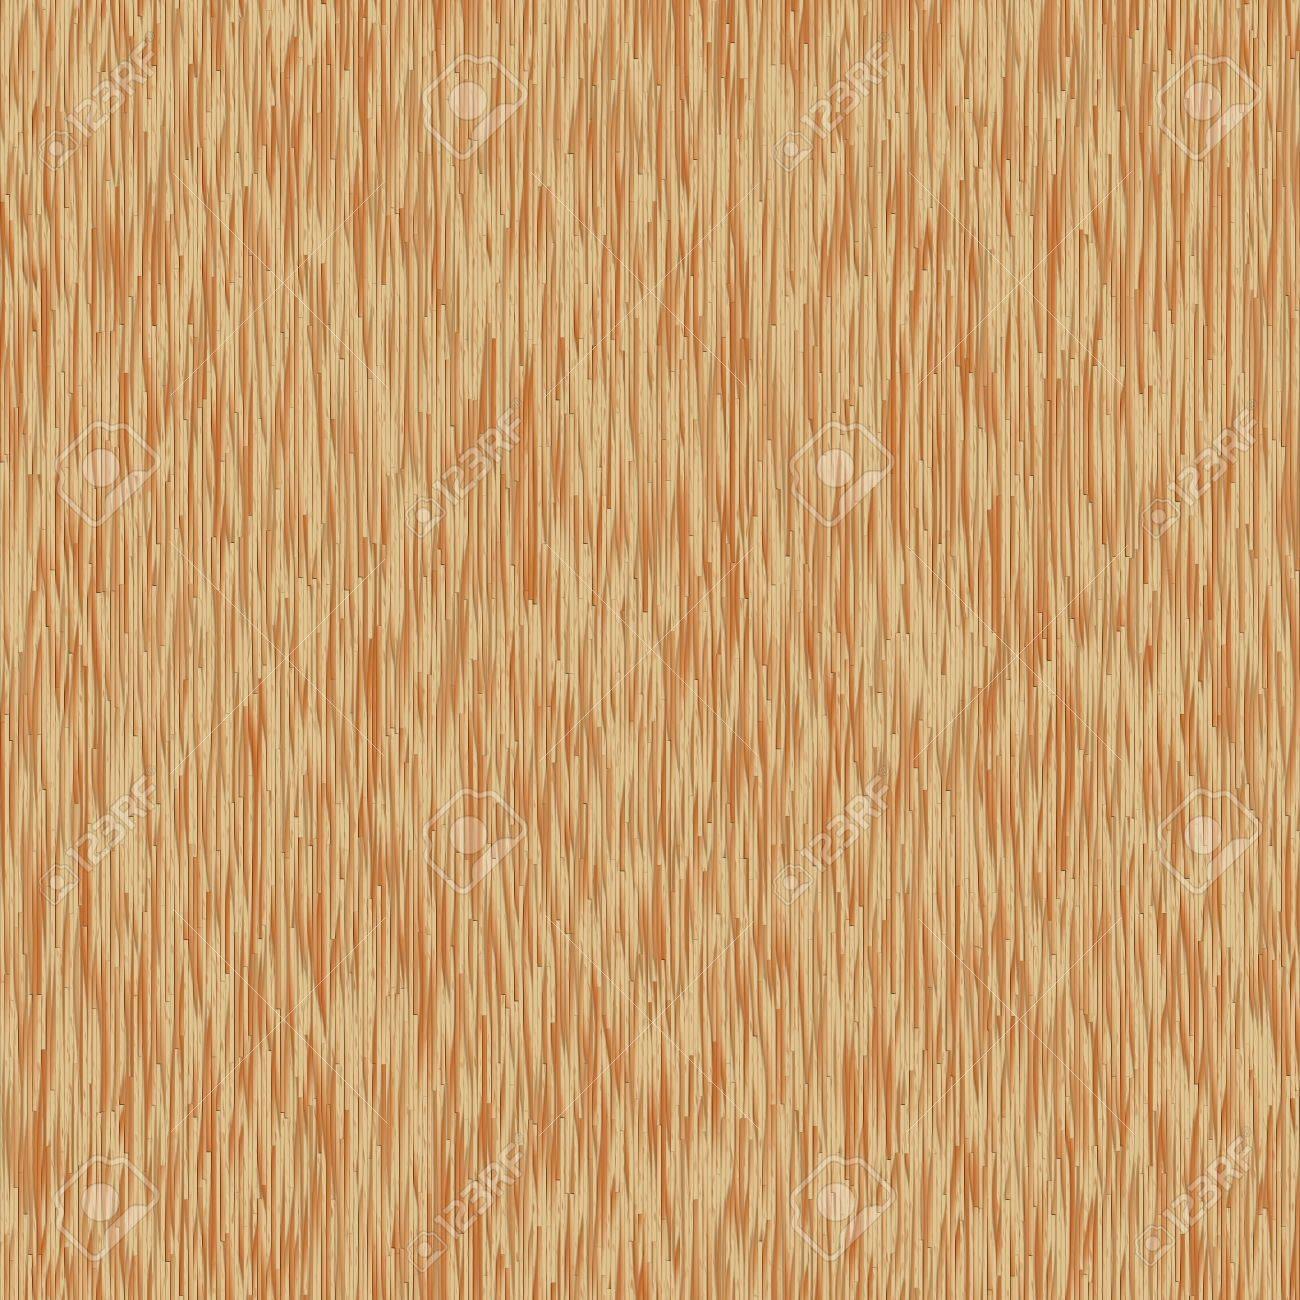 gedrückt bambus textur hintergrund lizenzfreie fotos, bilder und